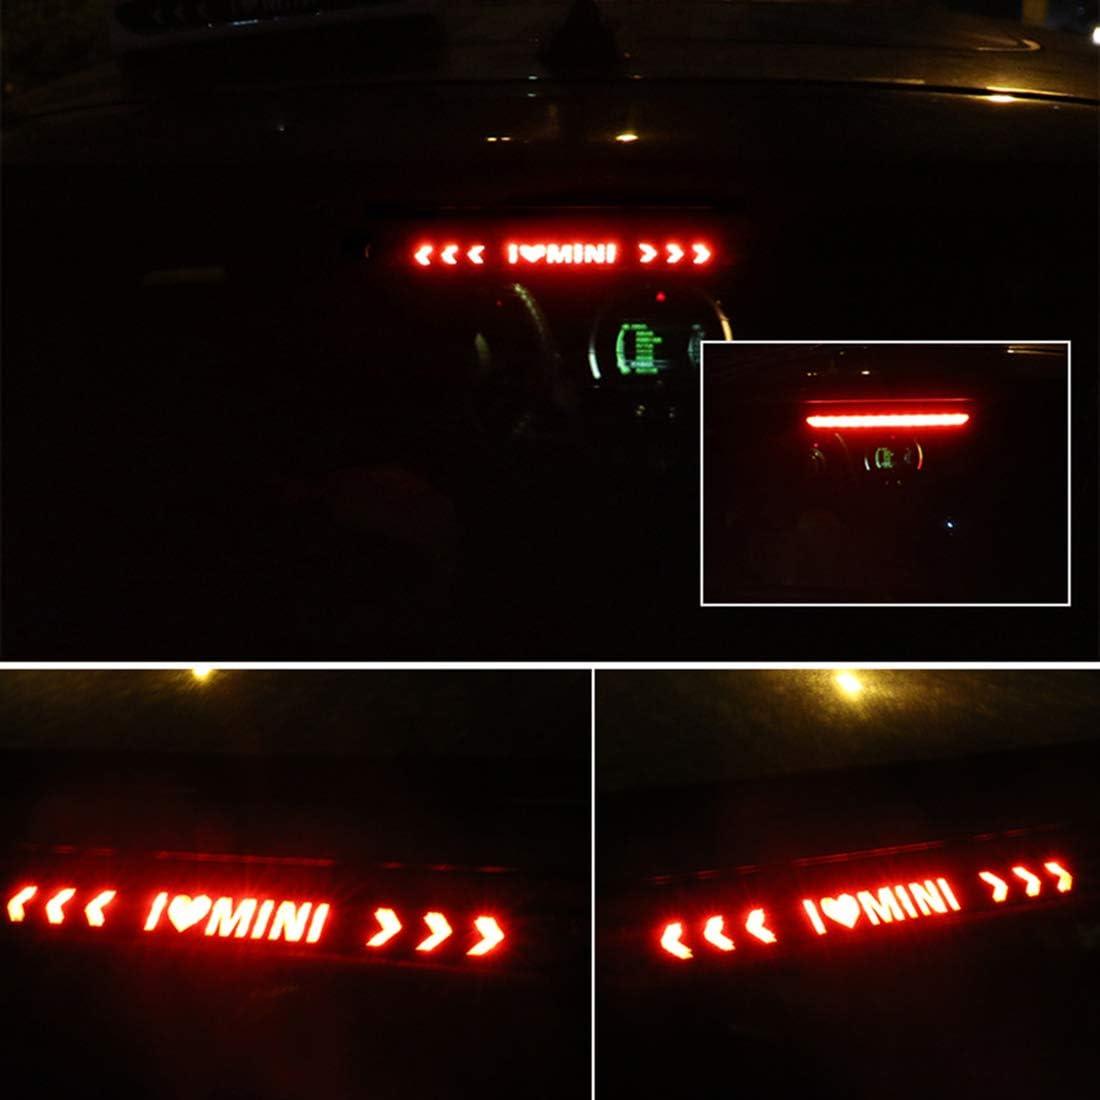 Fibra di Carbonio Decalcomanie Luminose Lampada di Arresto Alto Baule QWASZX Adesivo Luce Freno per Mini Cooper One JCW Countryman Clubman F55 F56 R55 R56 R60 F60